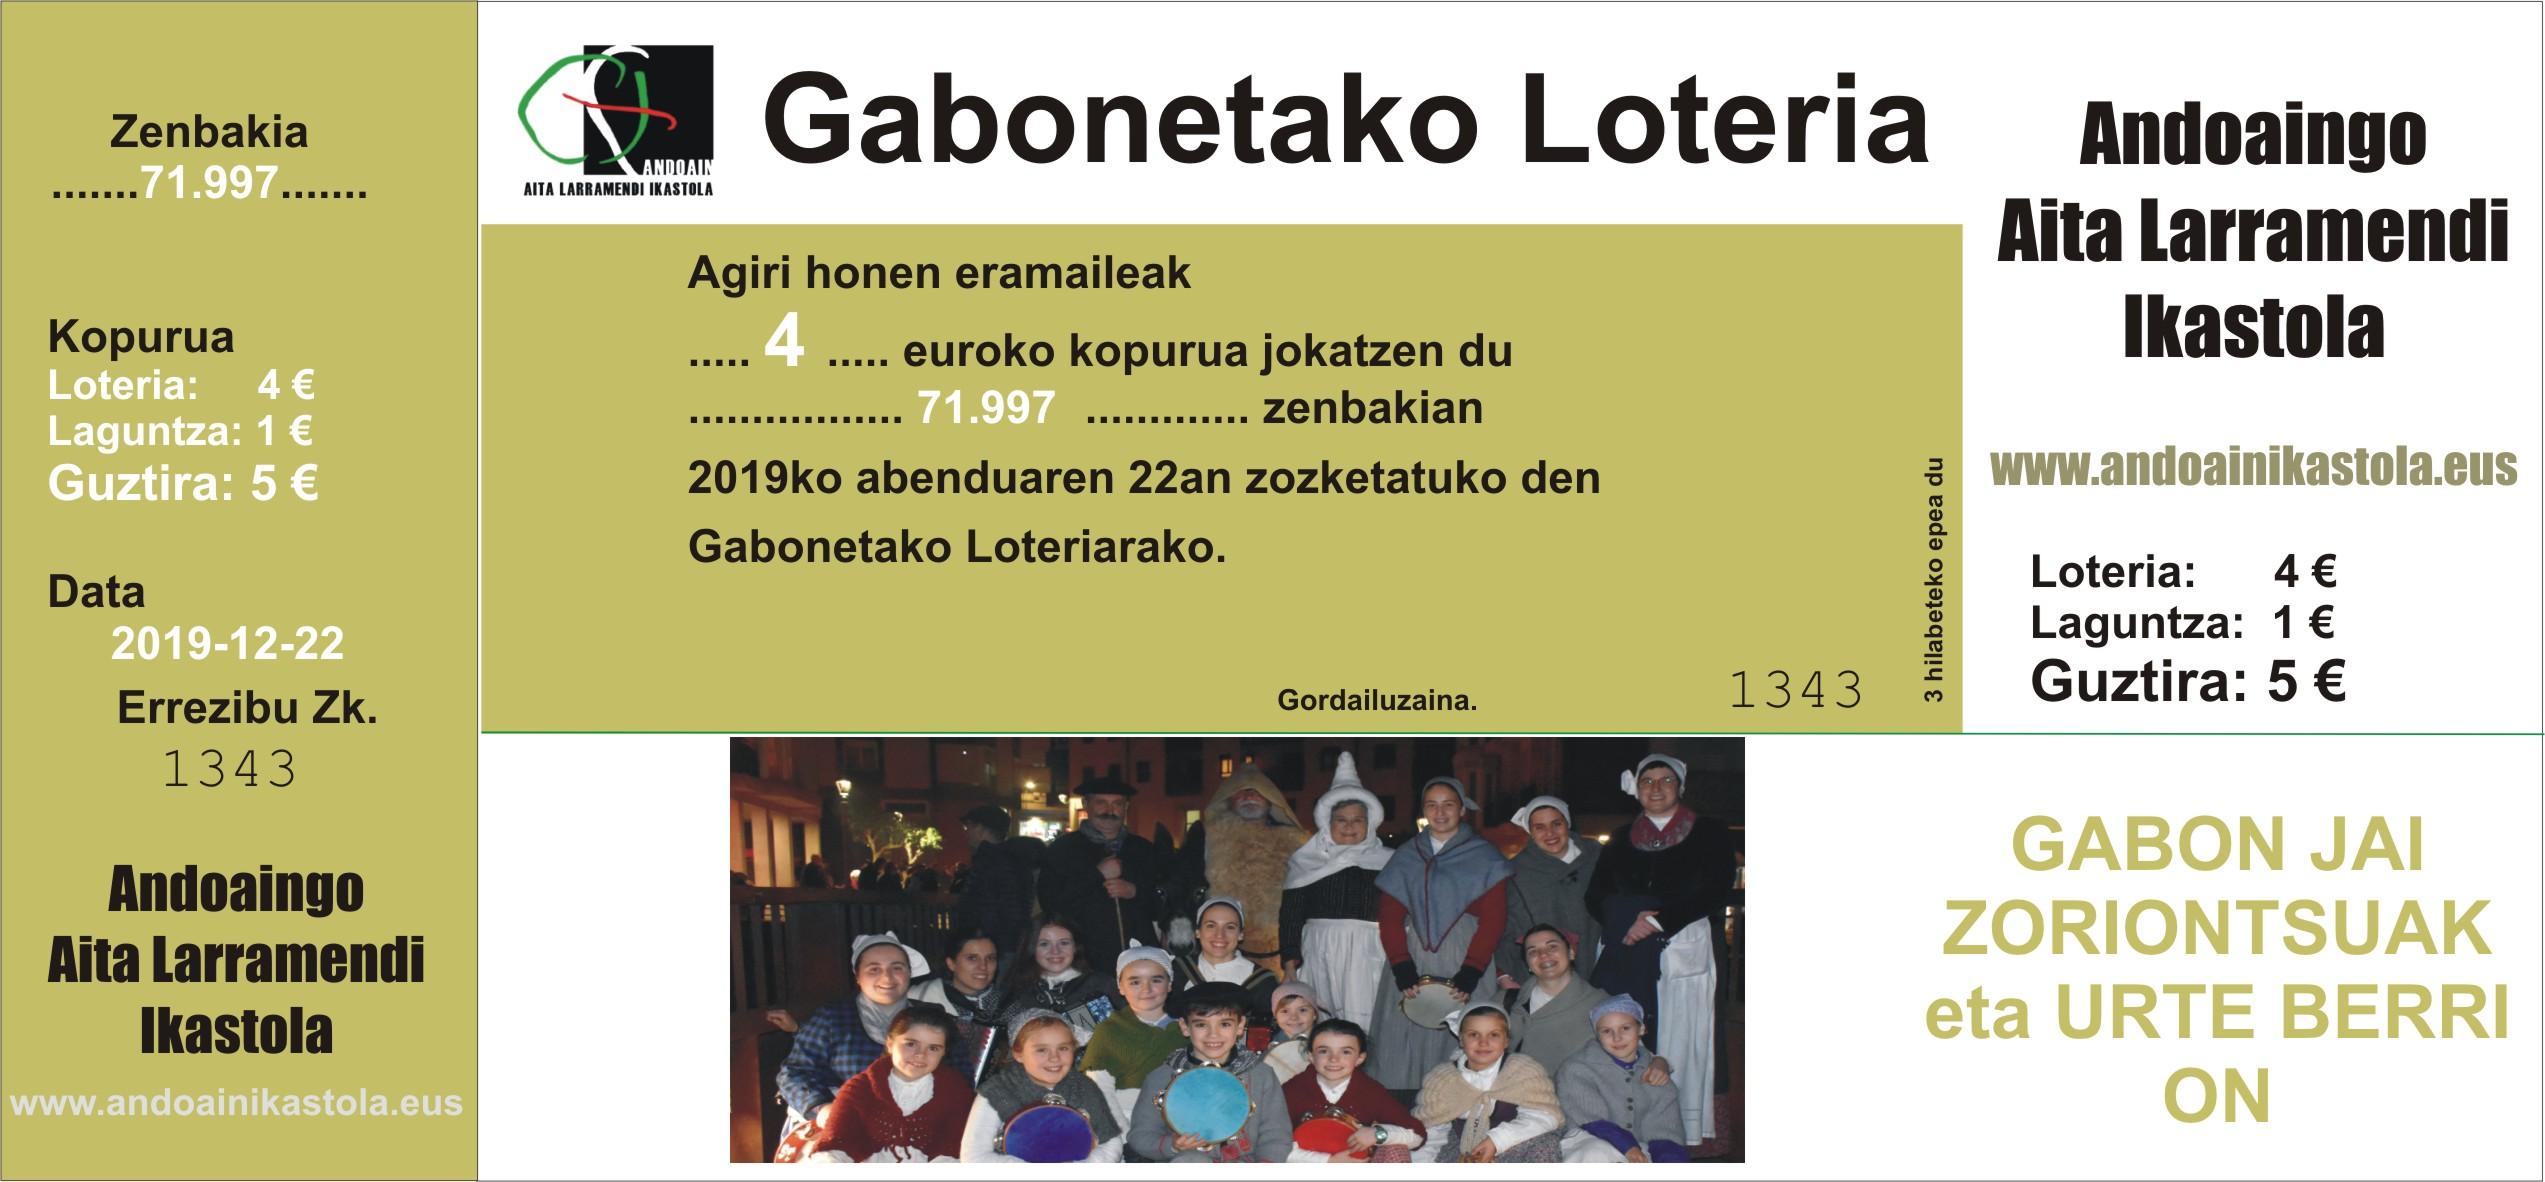 GABONETAKO LOTERIA SALGAI